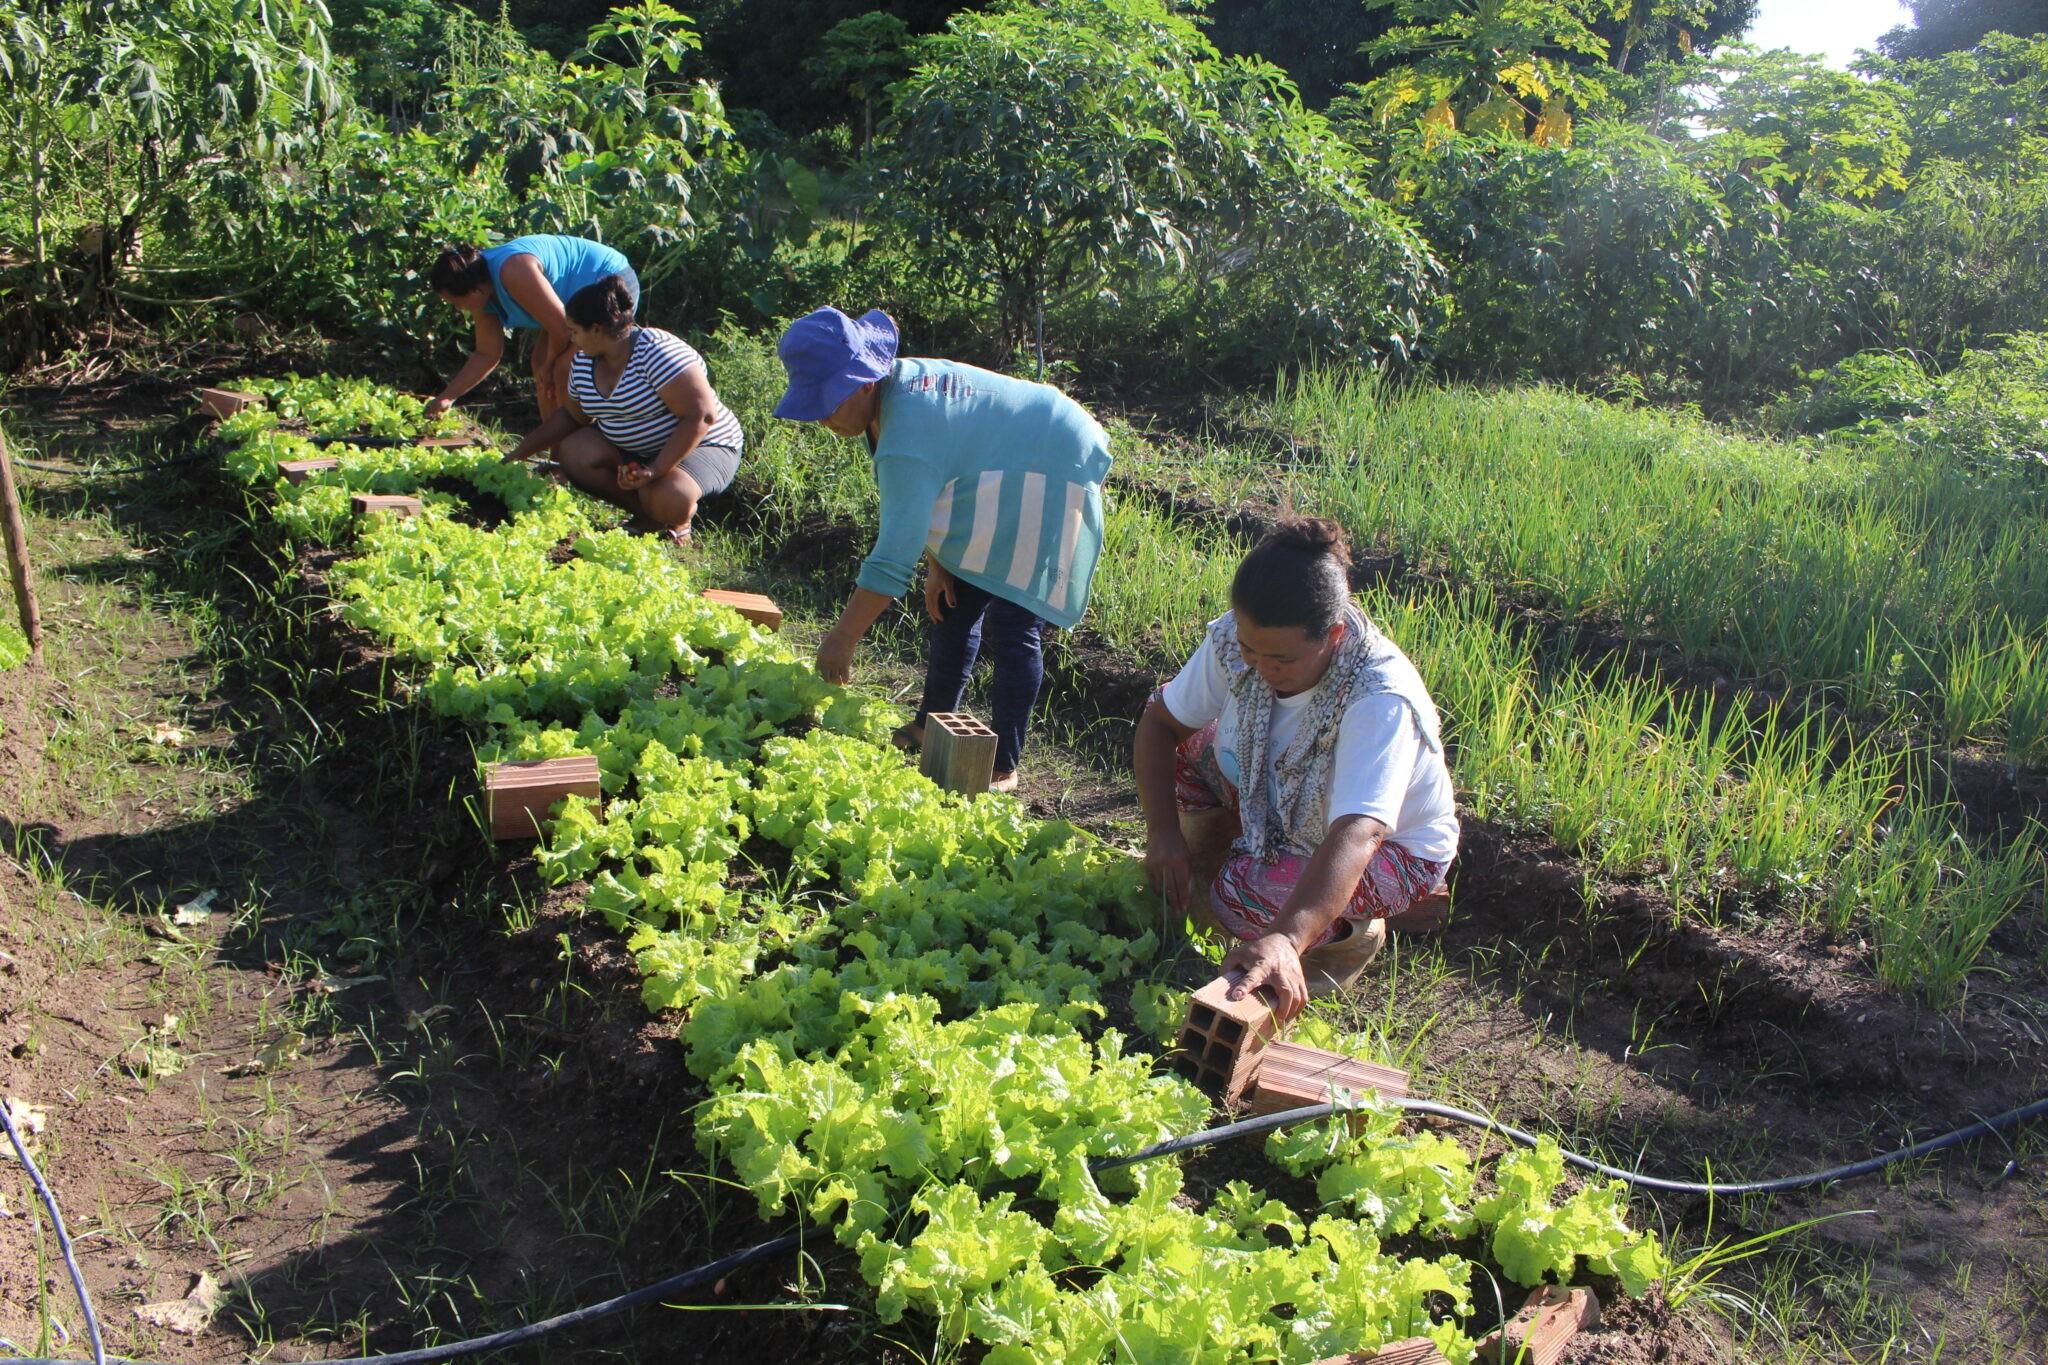 Governo libera pagamento do Garantia-Safra para 197 mil agricultores familiares